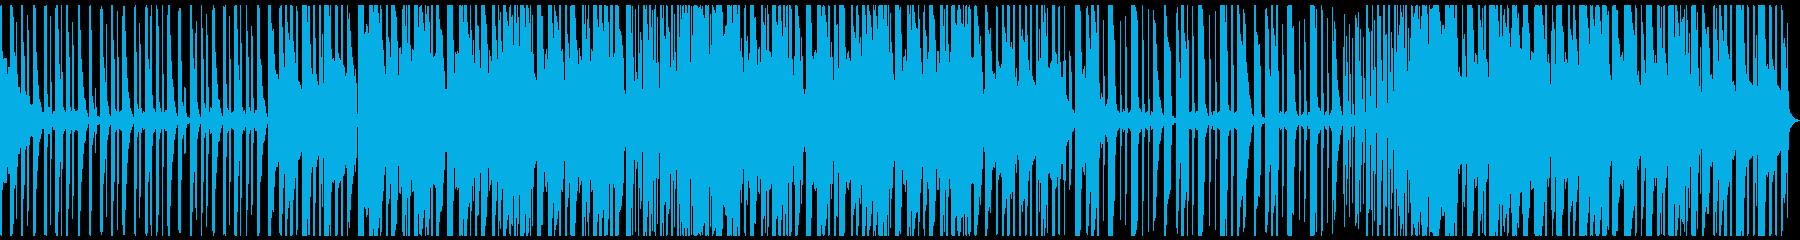 高エネルギーオーケストラヒップホップ。の再生済みの波形